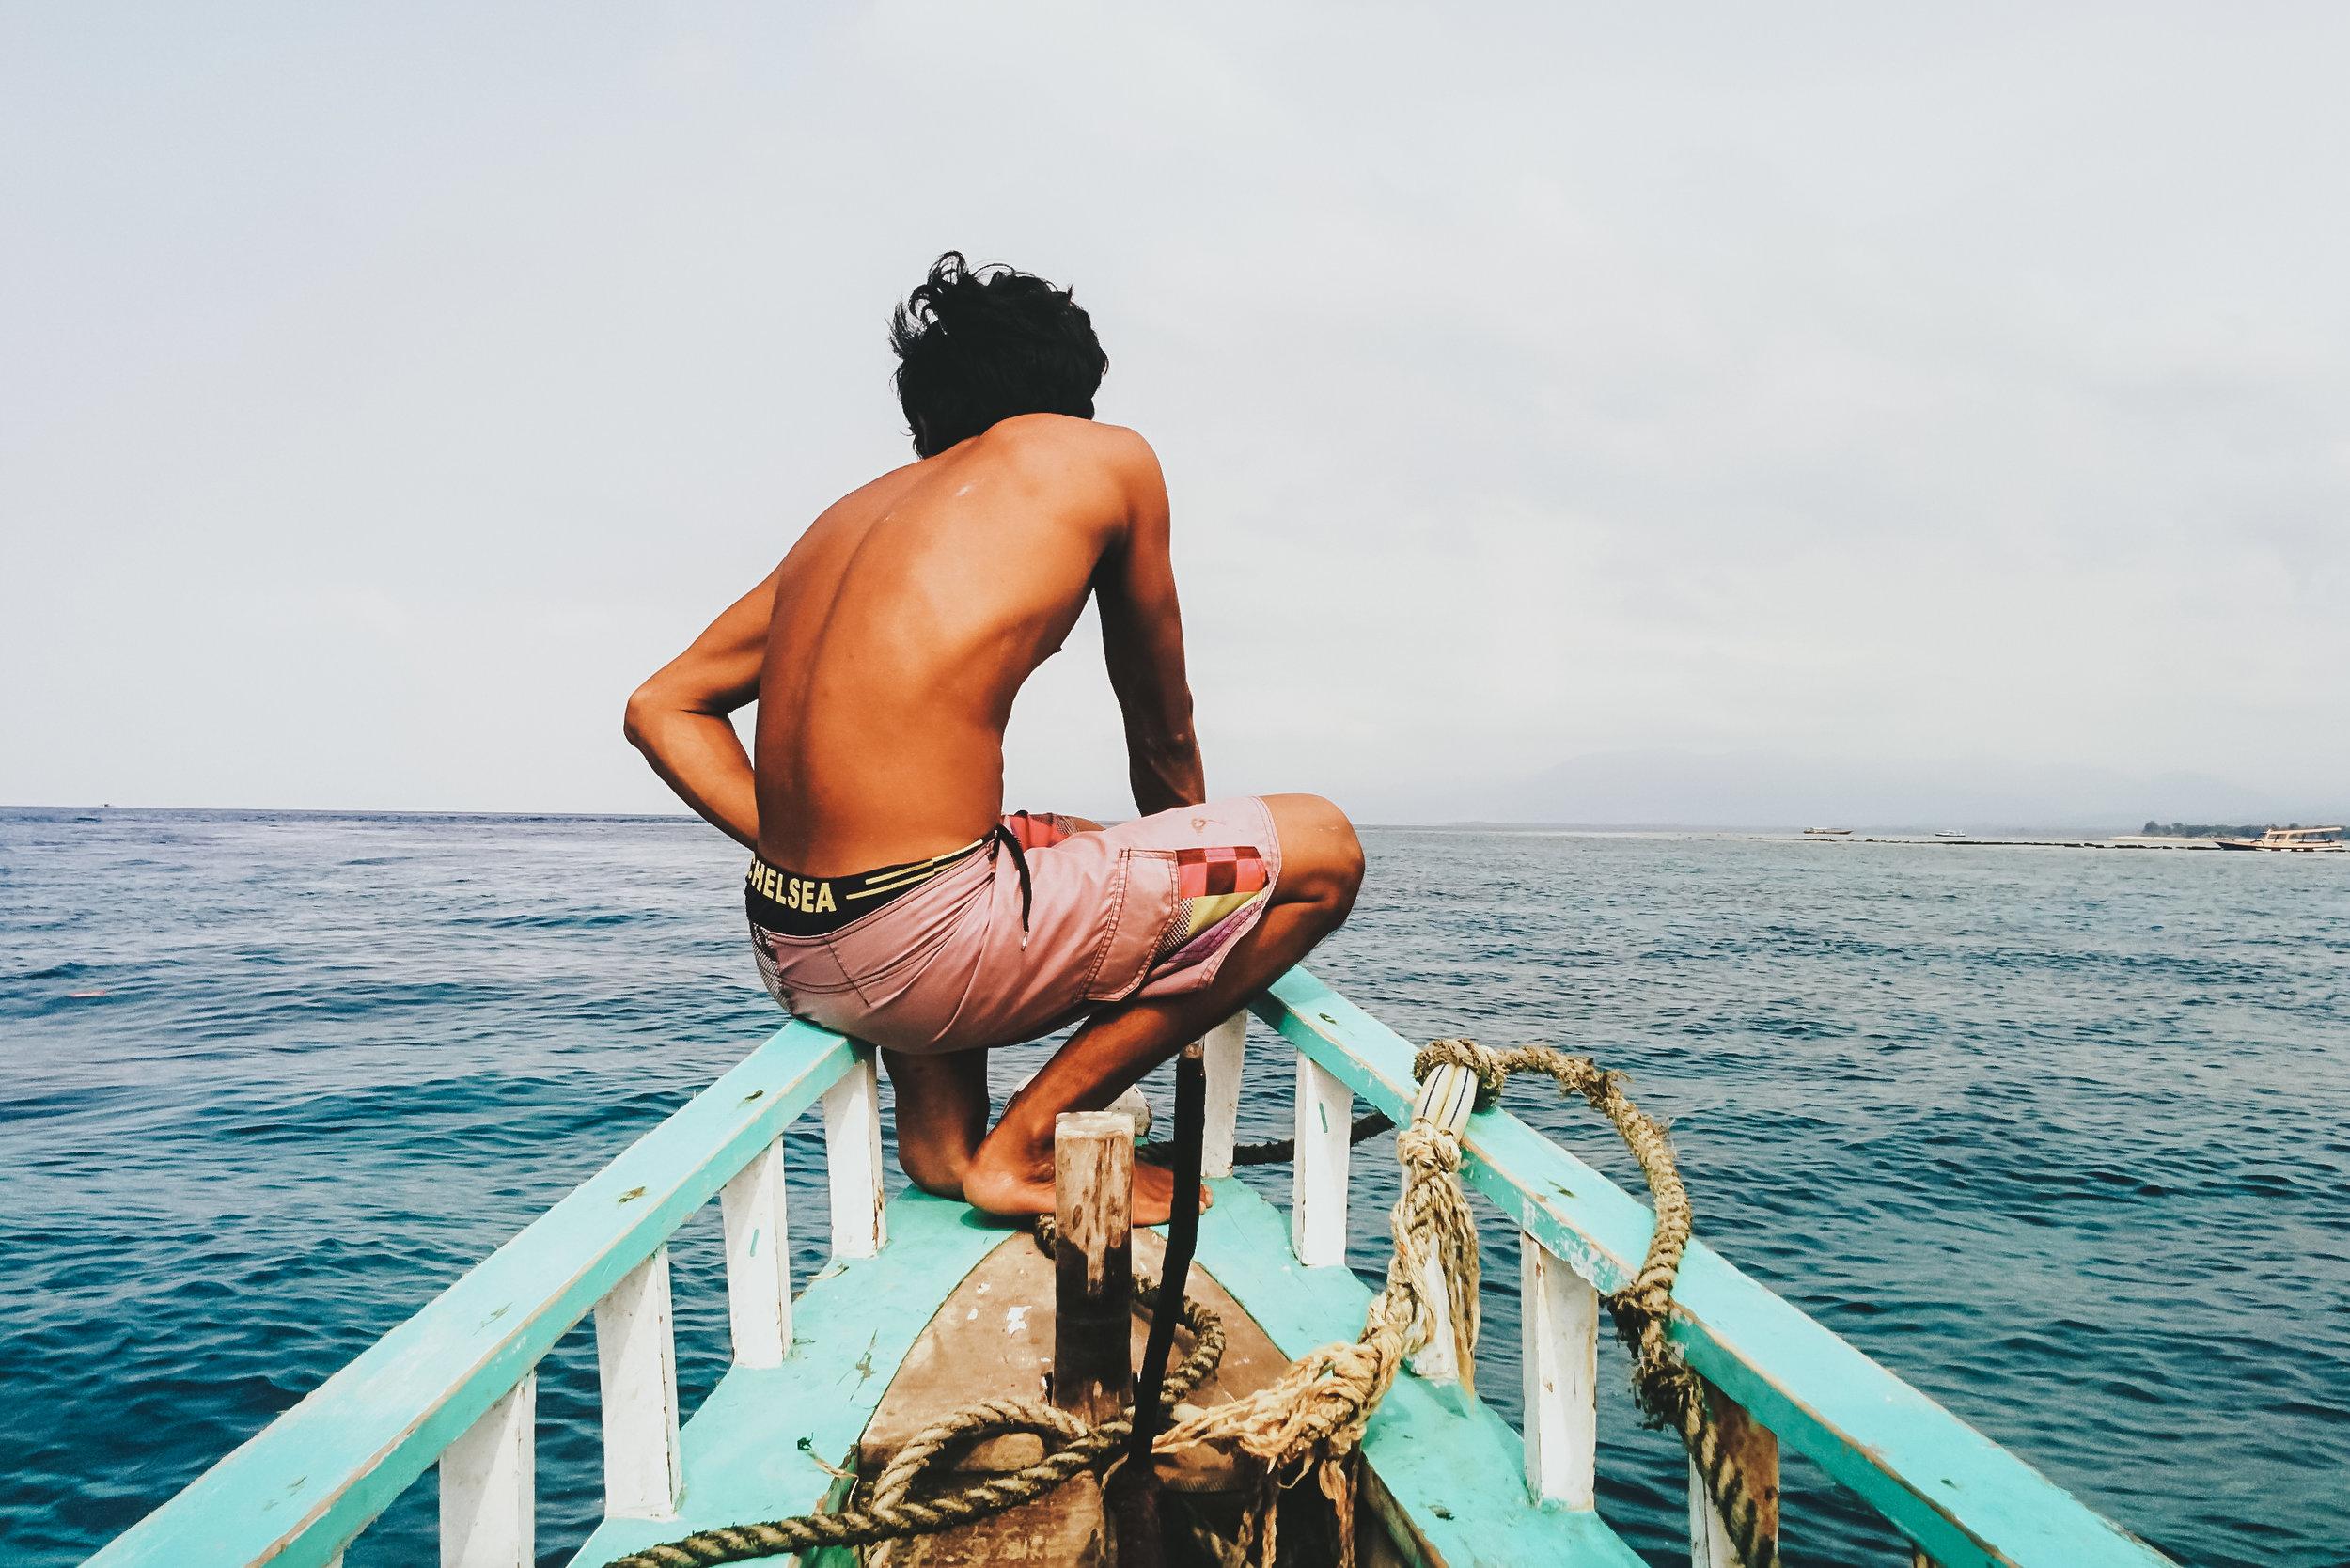 Indonesia - Blalblbalbalabla...